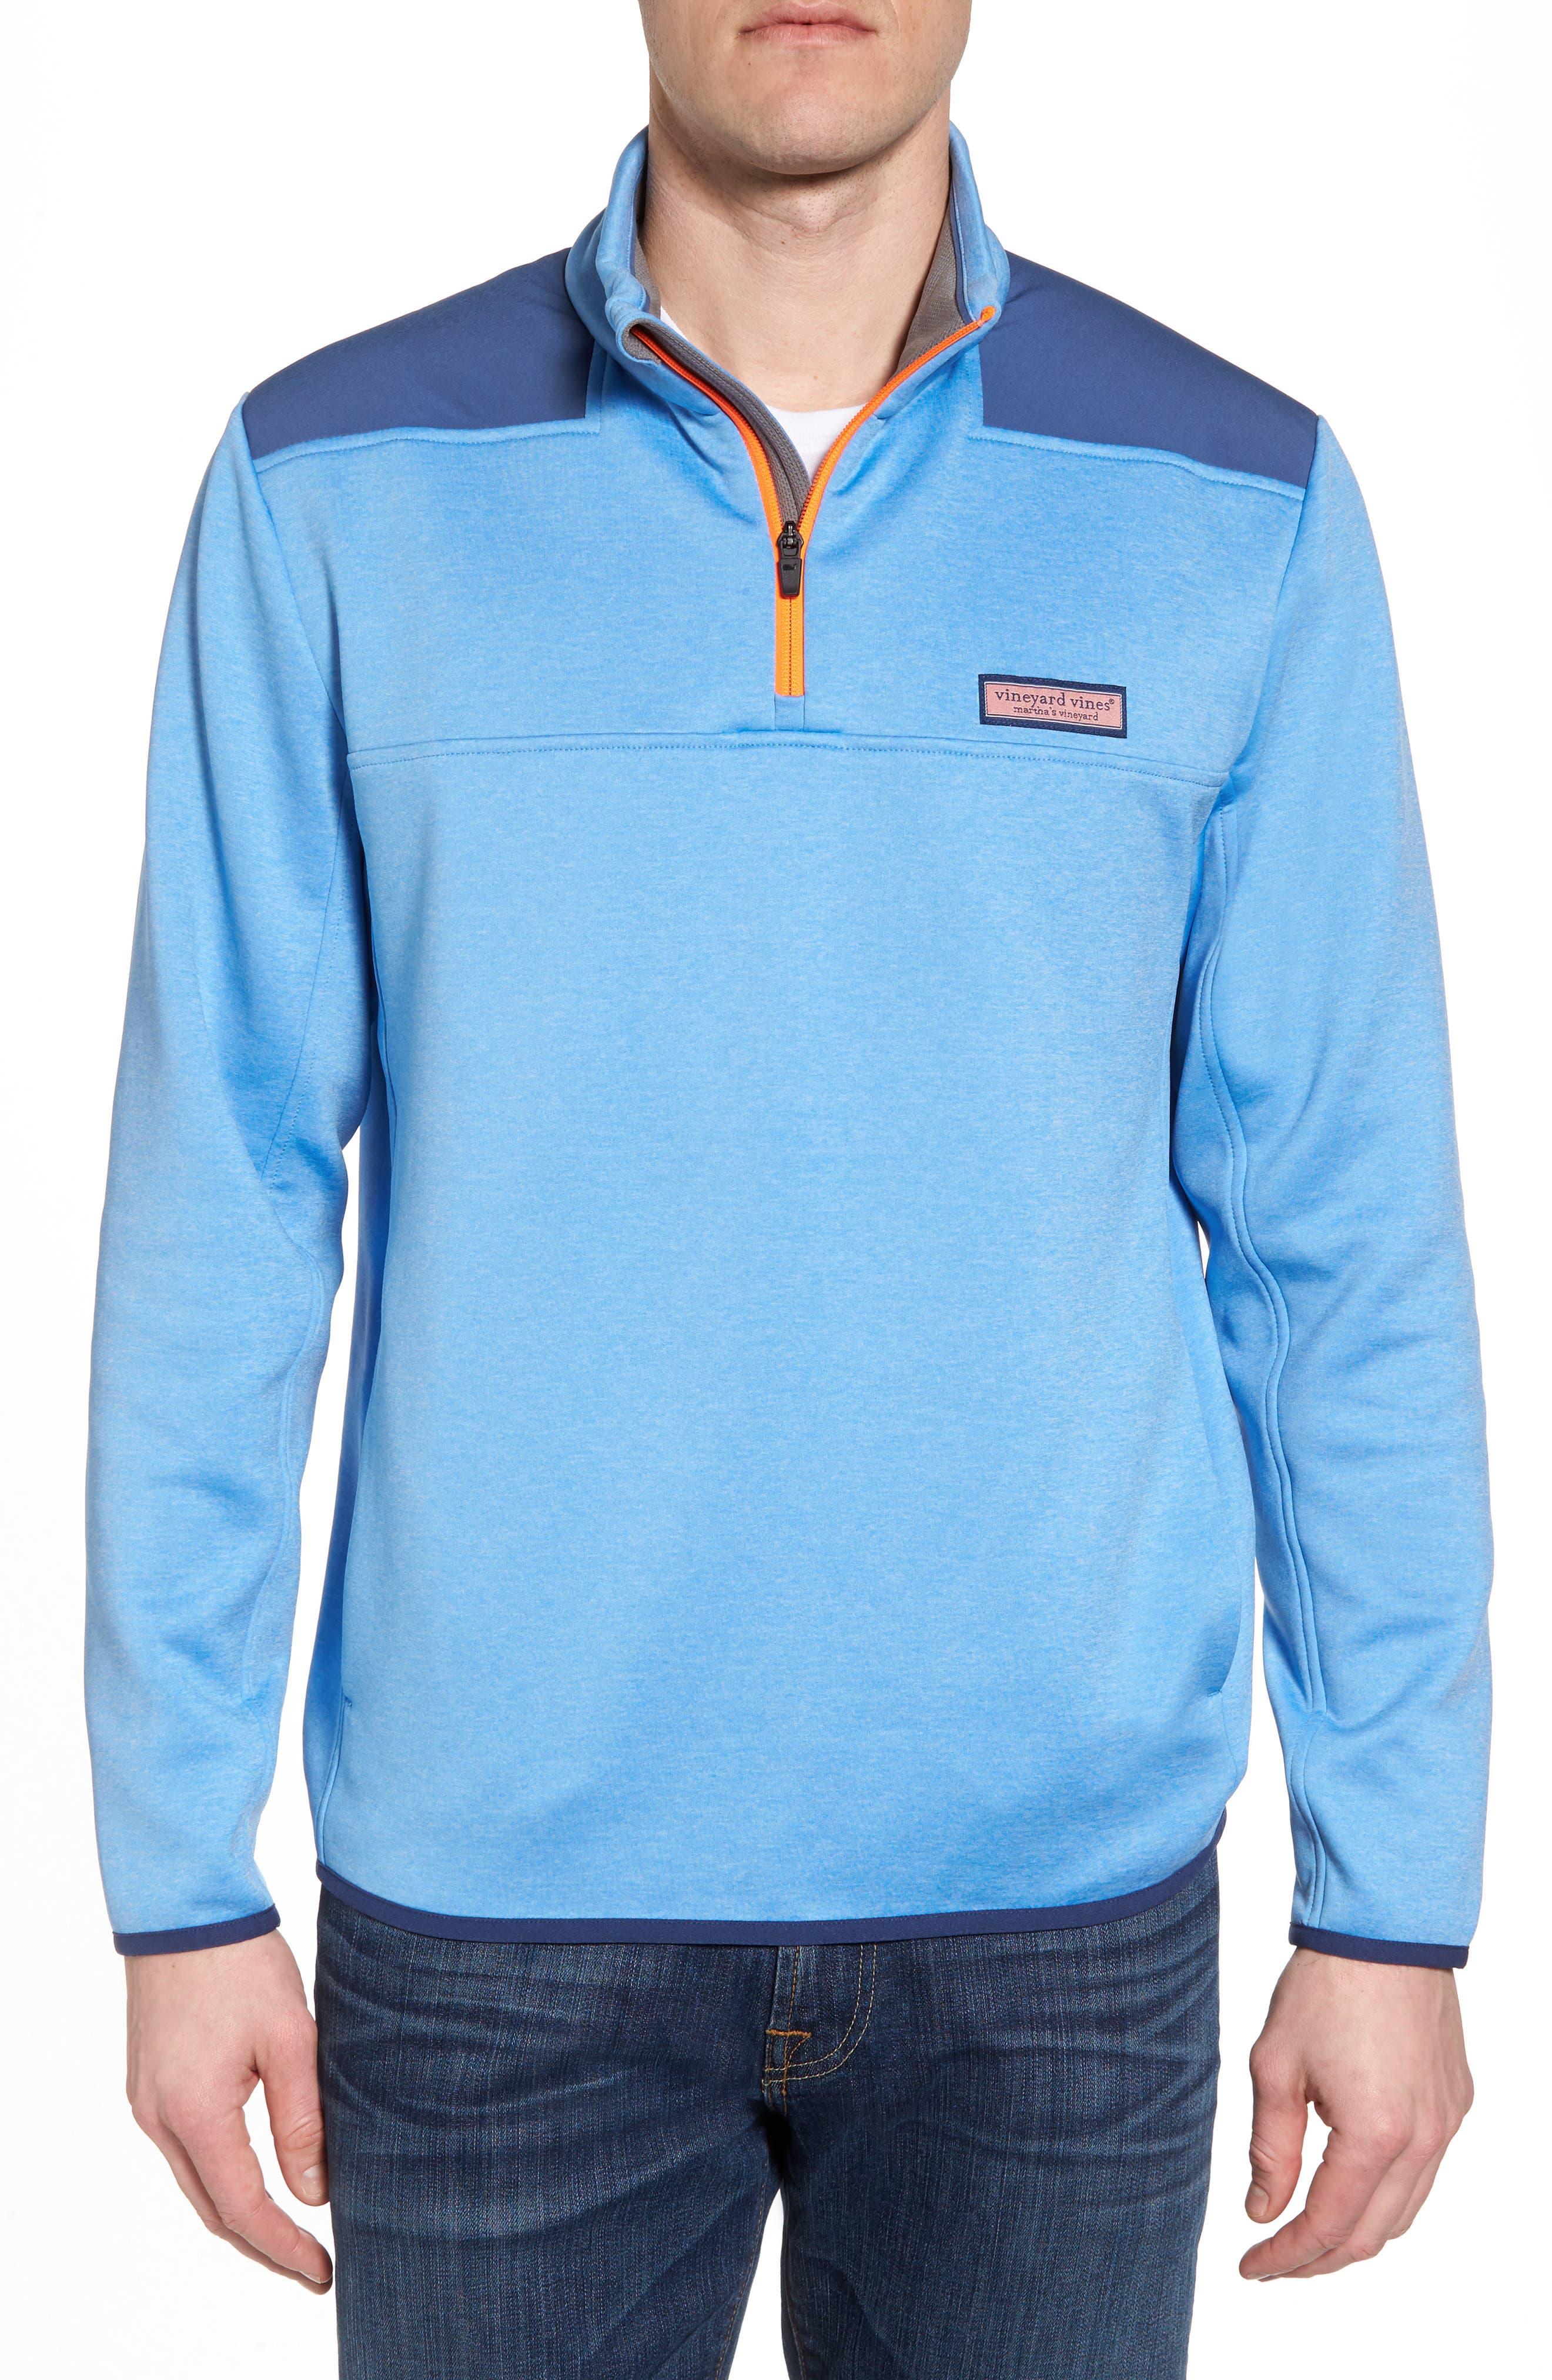 Shep Performance Fleece Quarter Zip Pullover,                         Main,                         color, Ocean Breeze